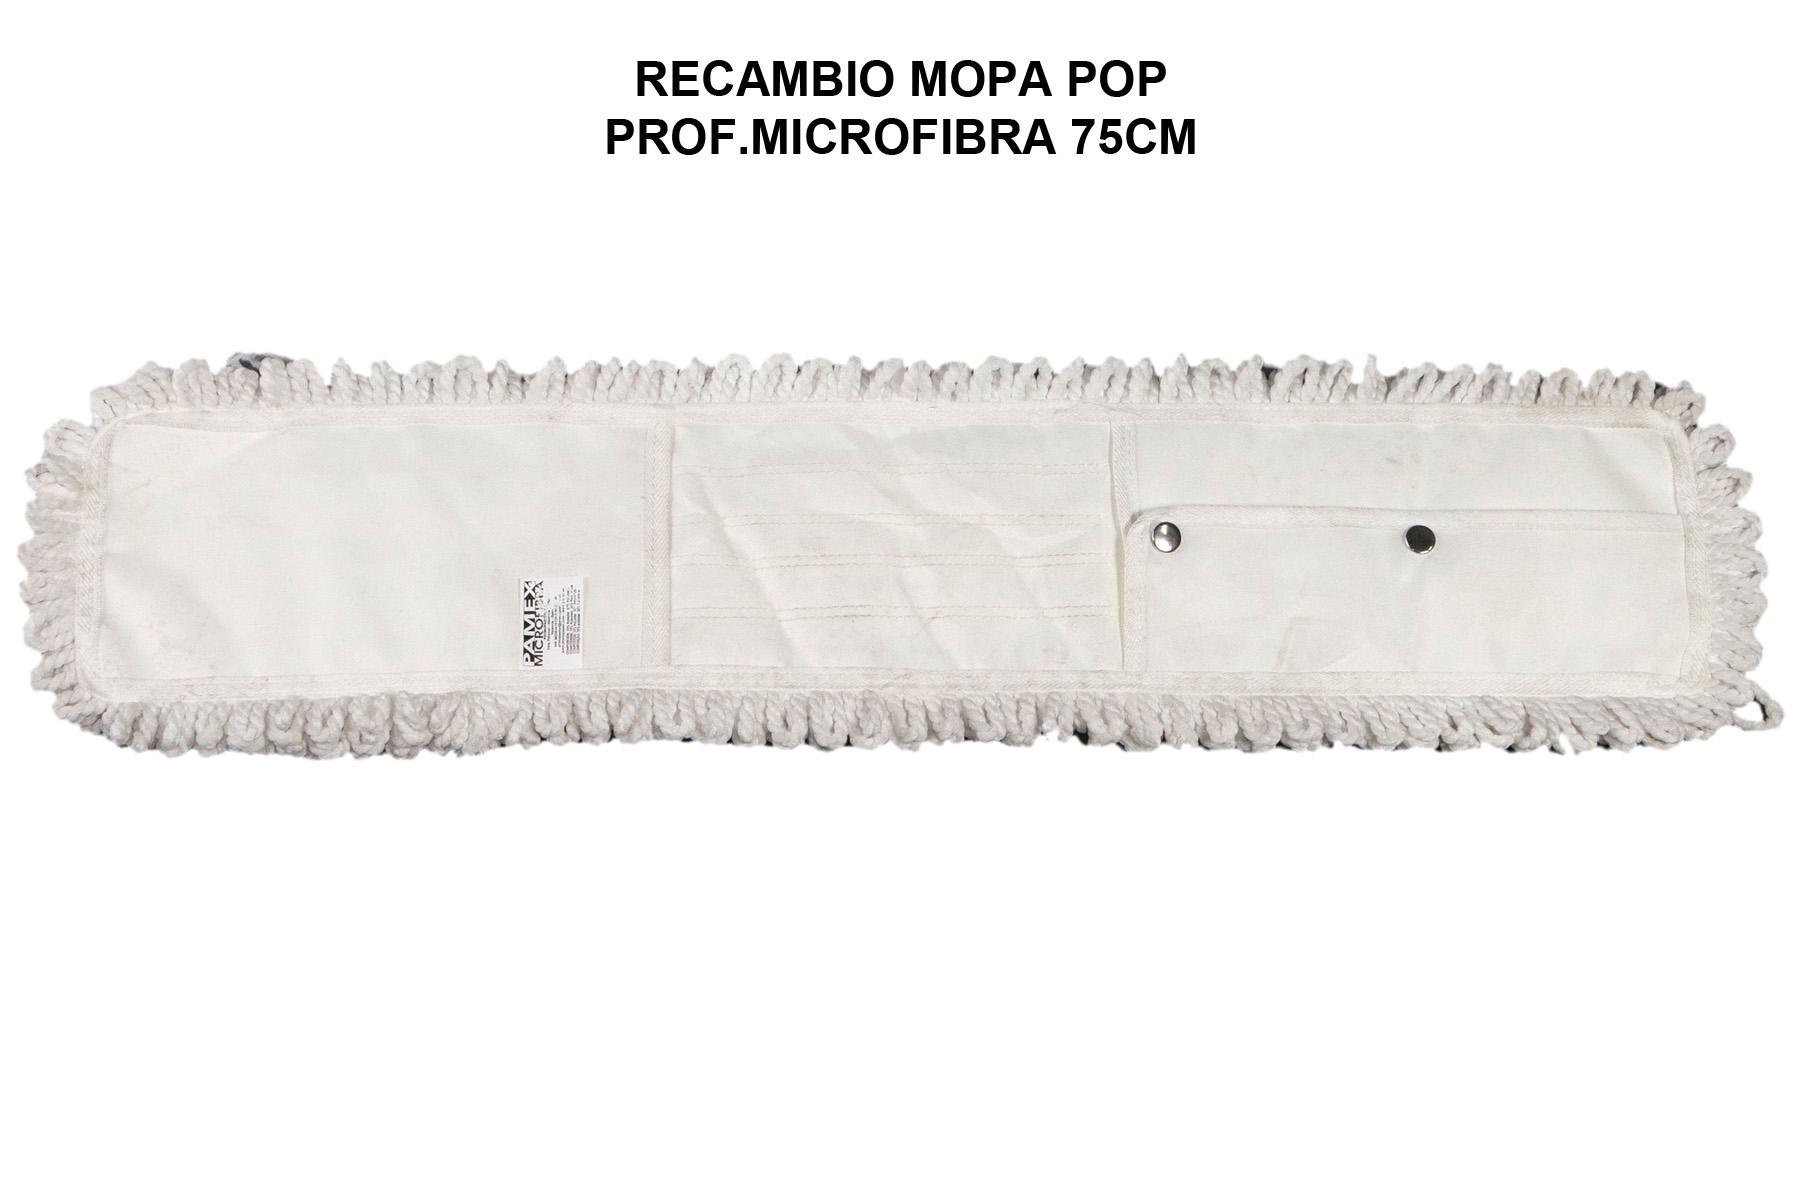 RECAMBIO MOPA POP PROF.MICROFIBRA 75CM